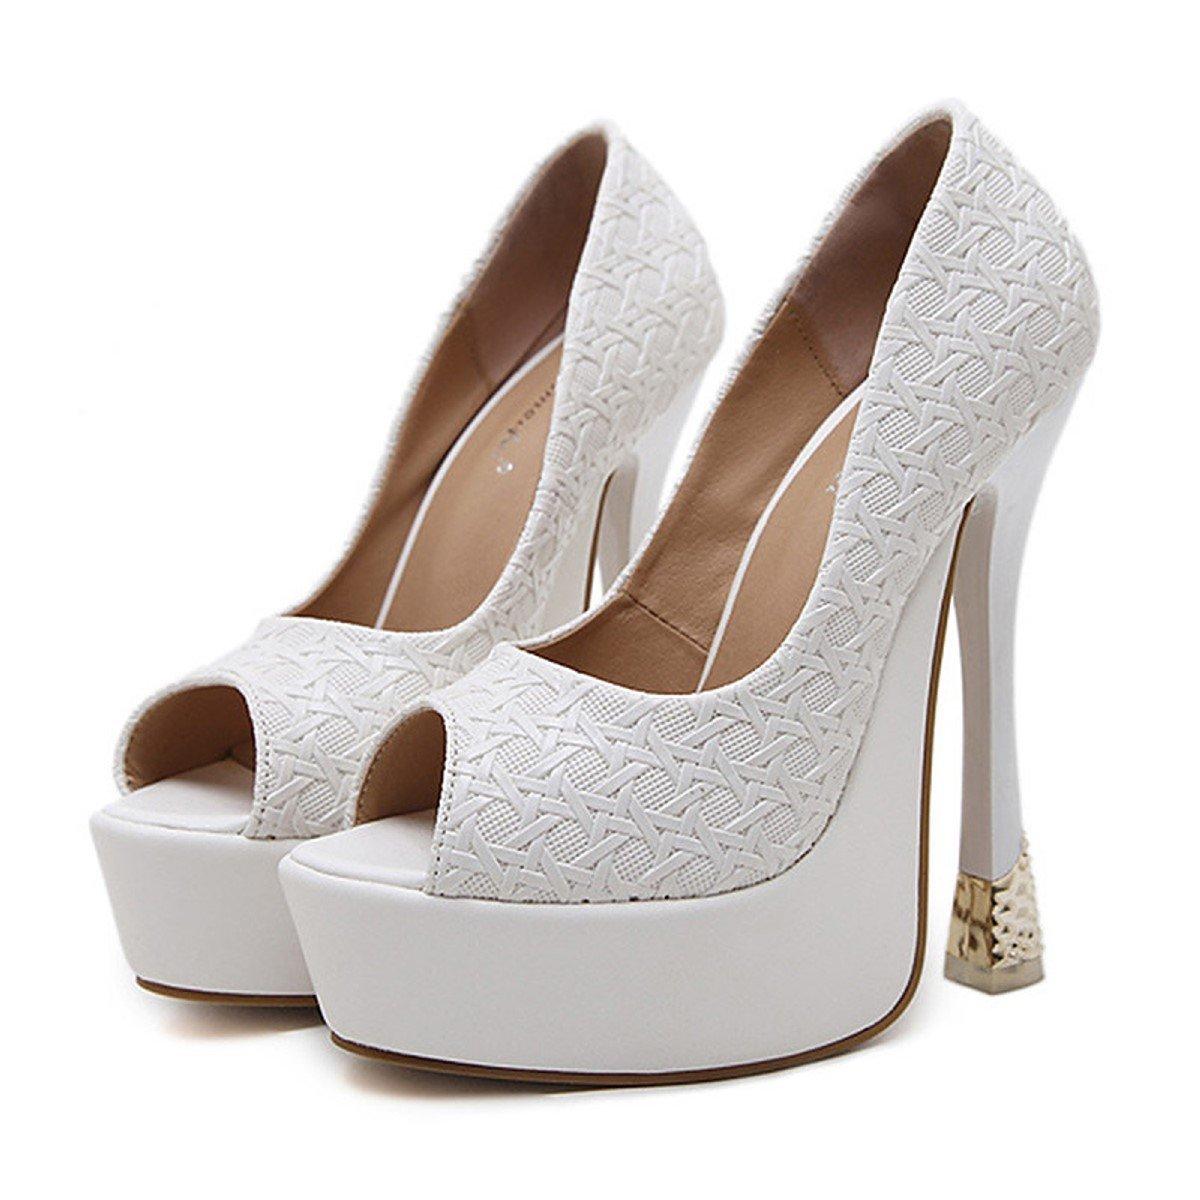 DIMAOL Damenschuhe Kunstleder Frühling Herbst Komfort Neuheit Mode Stiefel Stiefel Heels Stiletto-Absatz für Hochzeit Schwarz Weiß